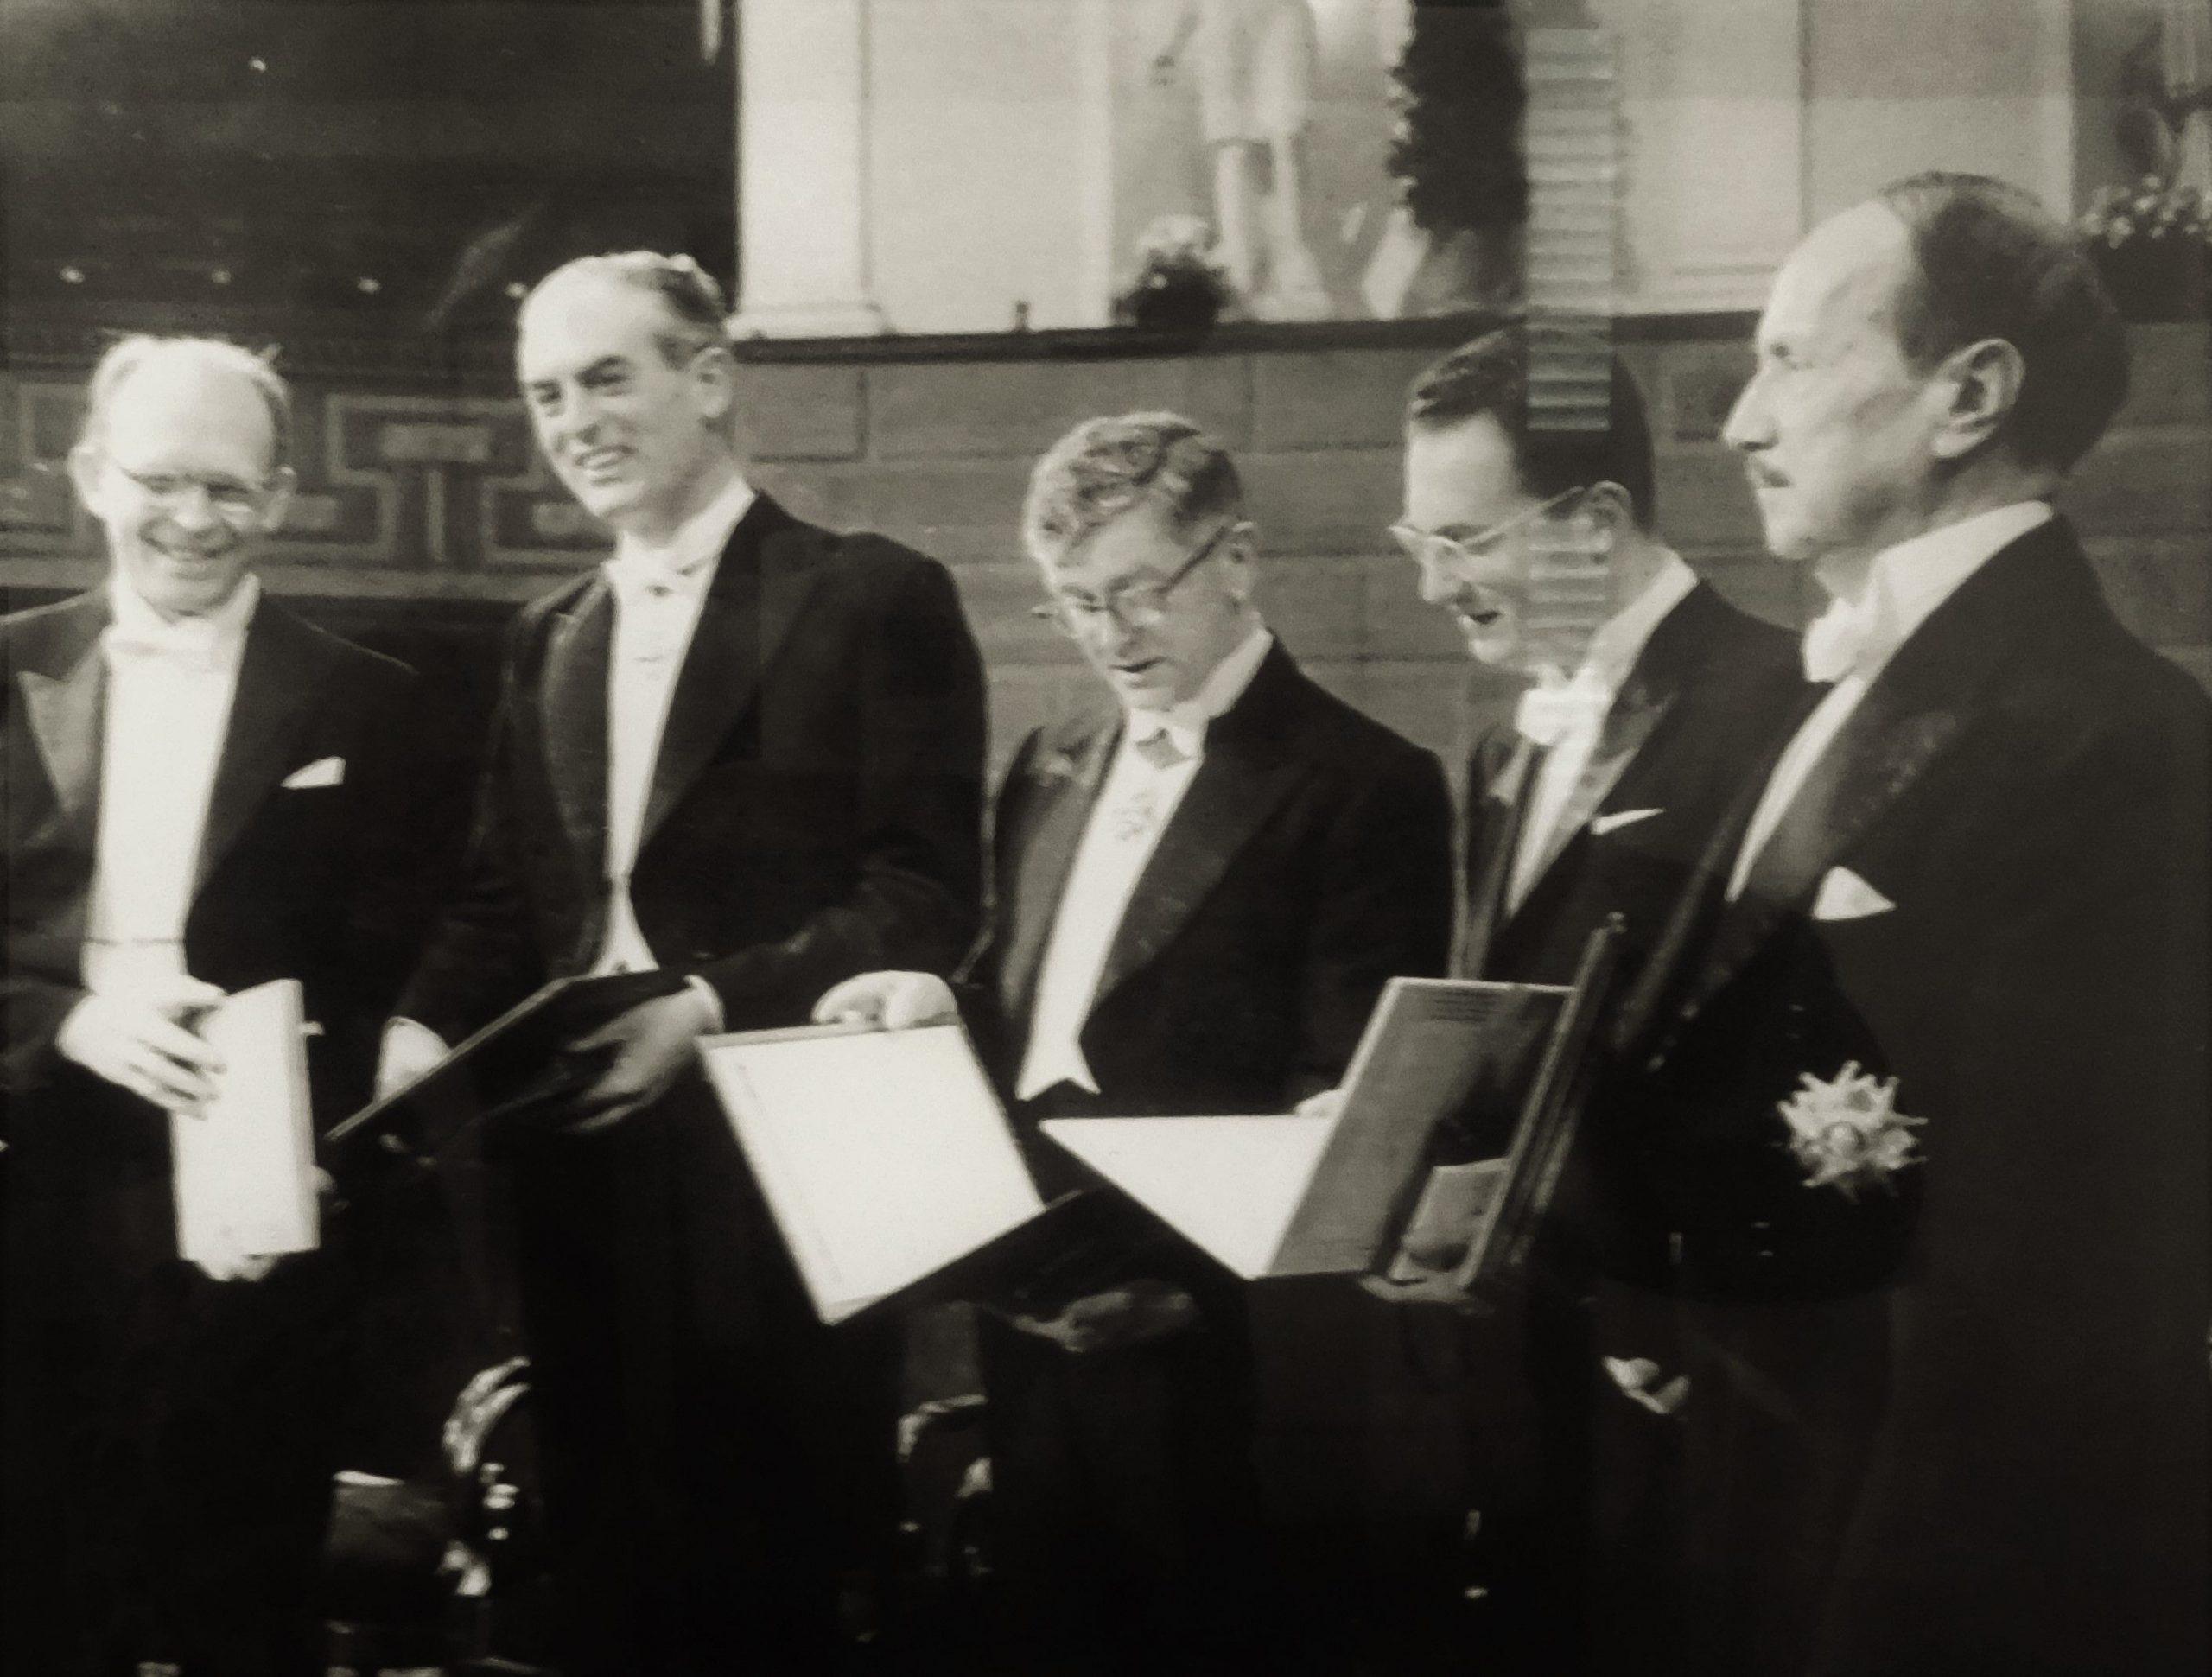 Discurso de Saint-John Perse al recoger el Premio Nobel de Literatura de 1960